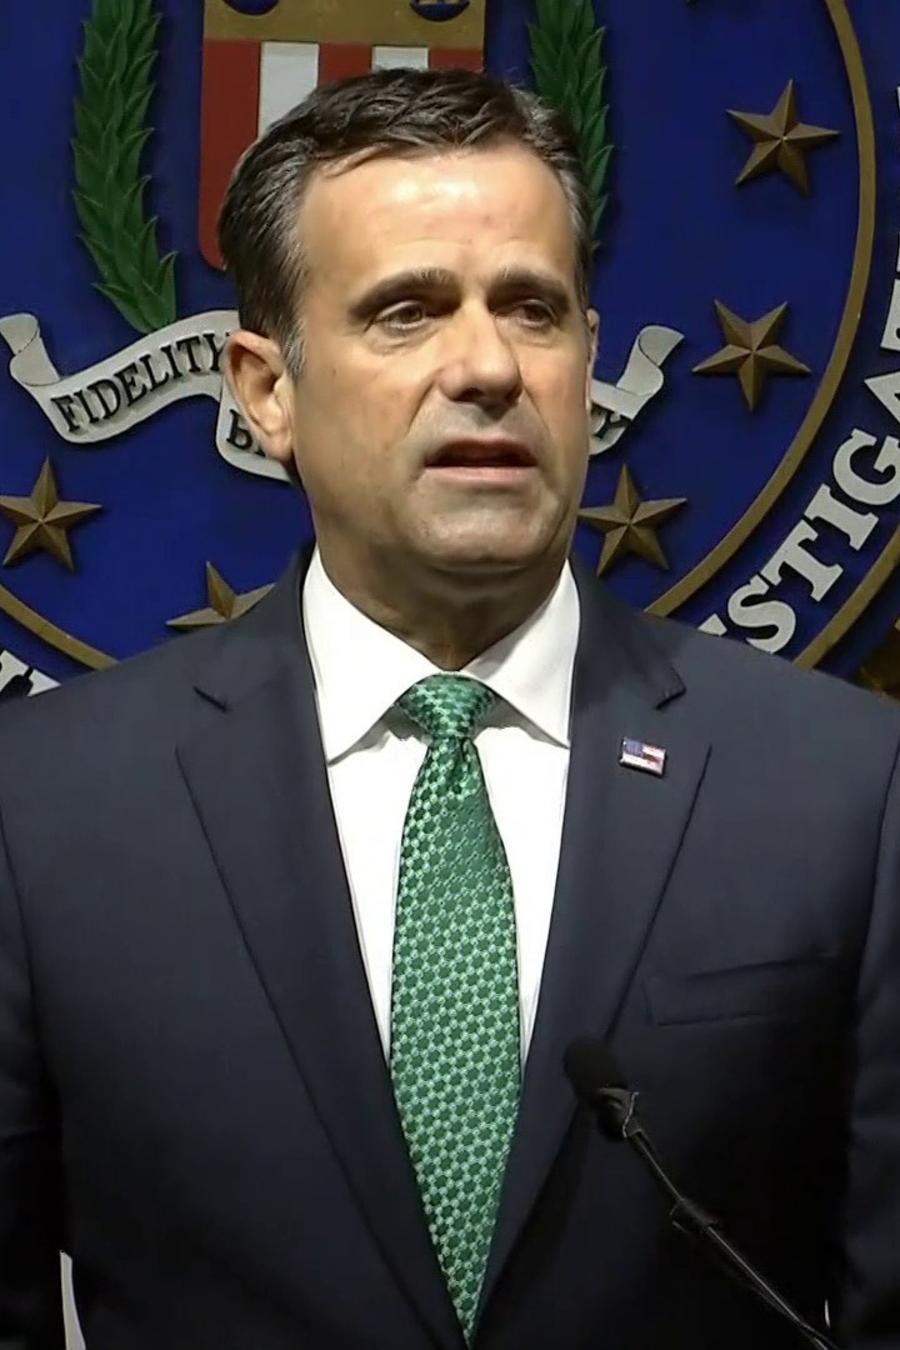 John Ratcliffe, director de inteligencia de Estados Unidos, durante la conferencia de prensa de este miércoles 21 de octubre.